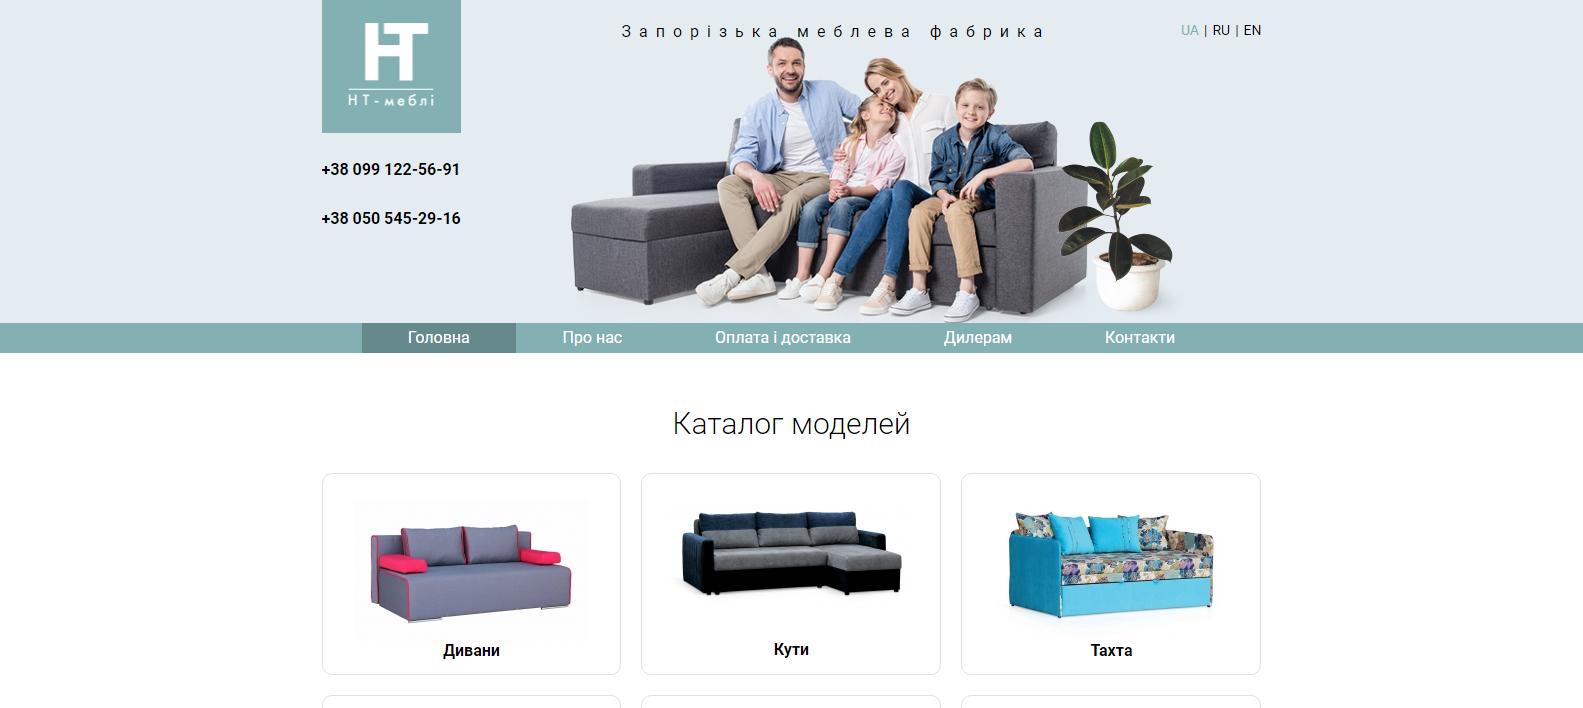 Обновленный сайт для мебельной компании